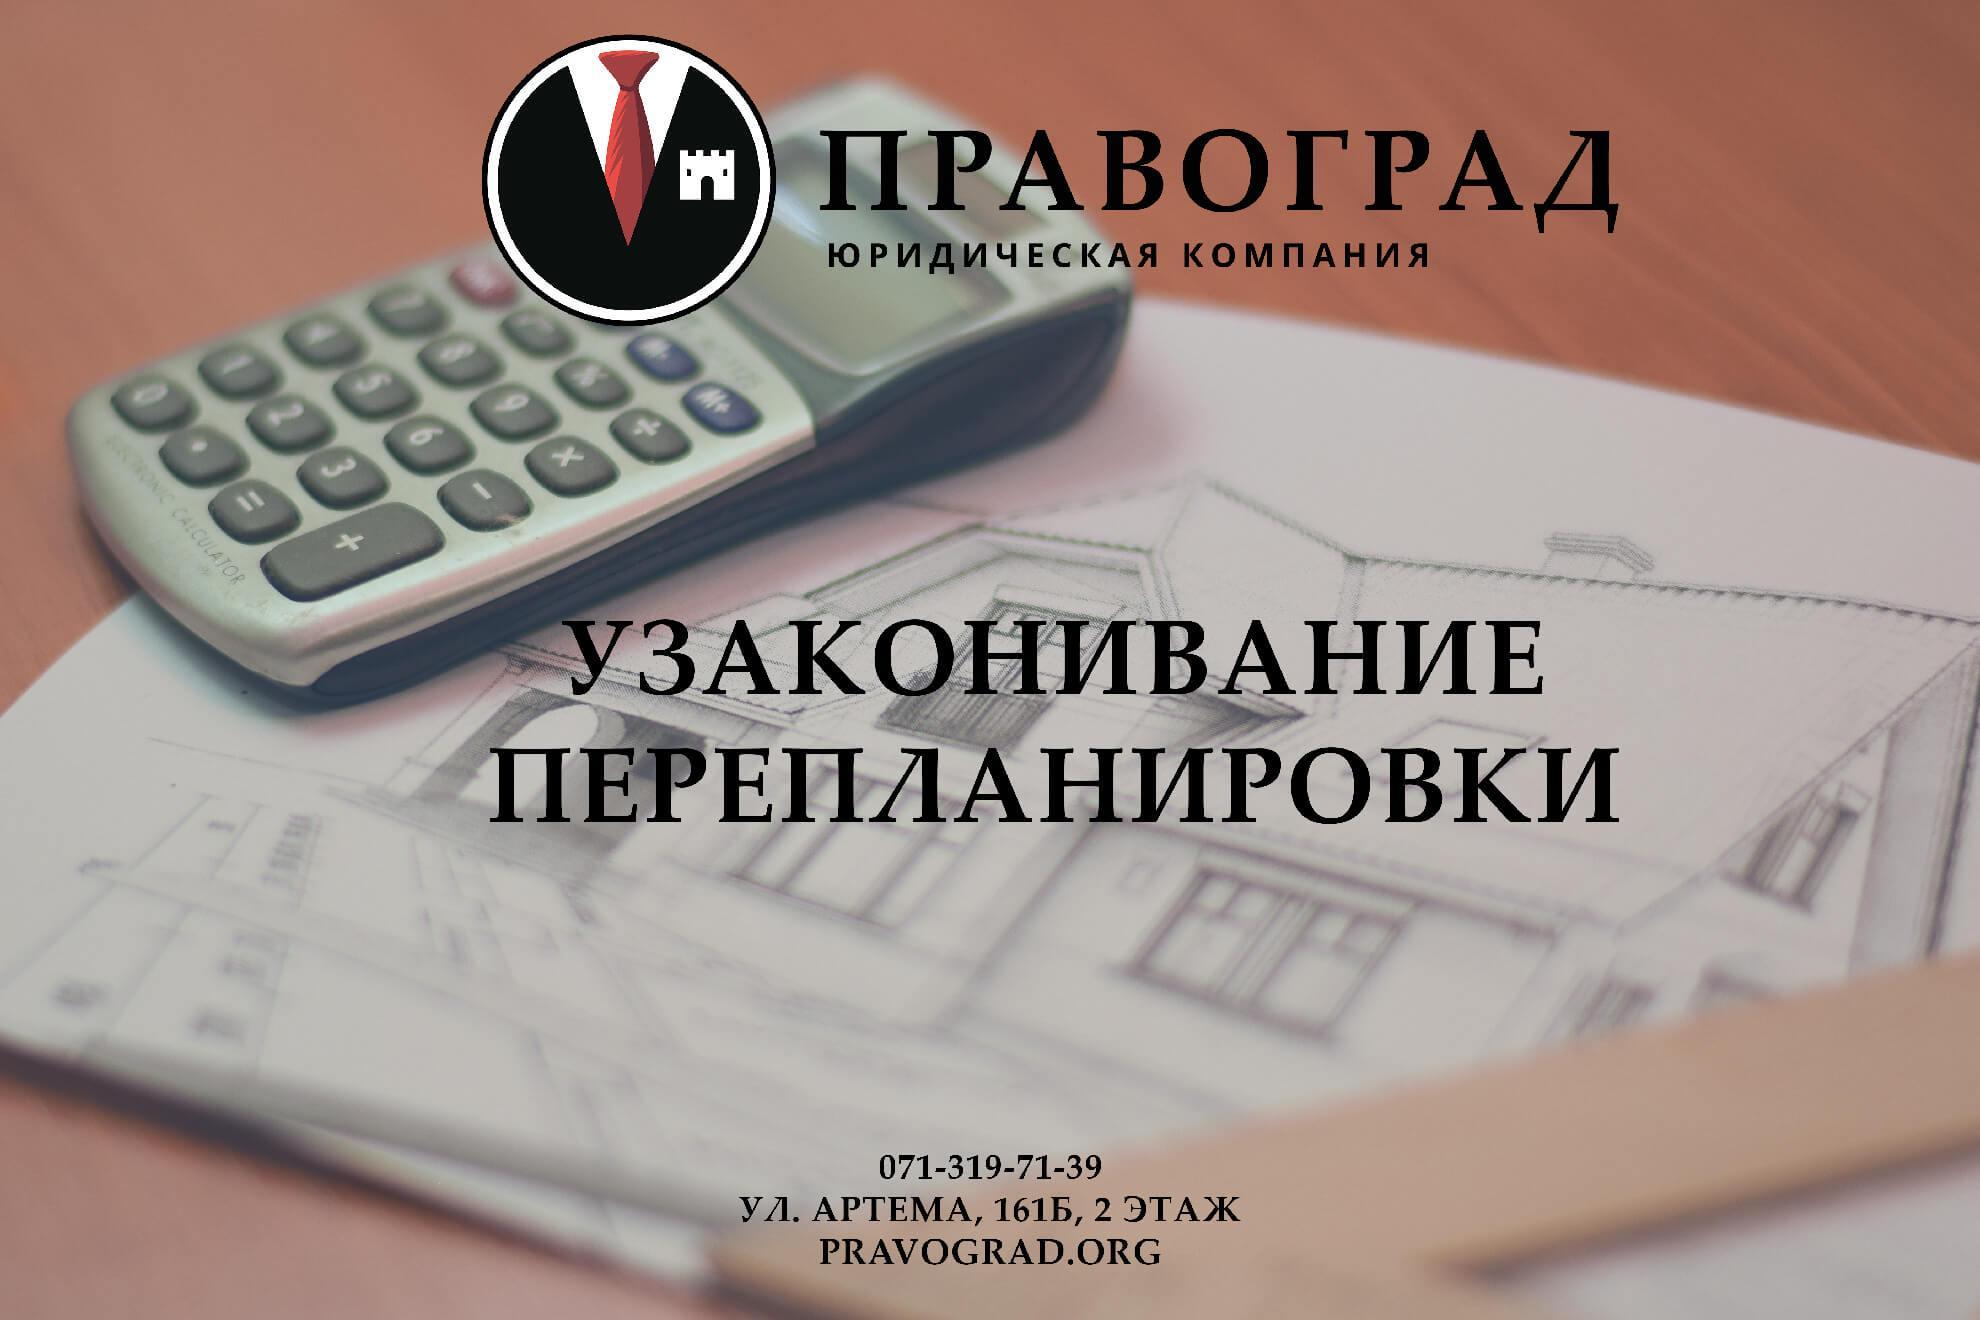 Узаконивание перепланировки Донецк - ЮК ПРАВОГРАД